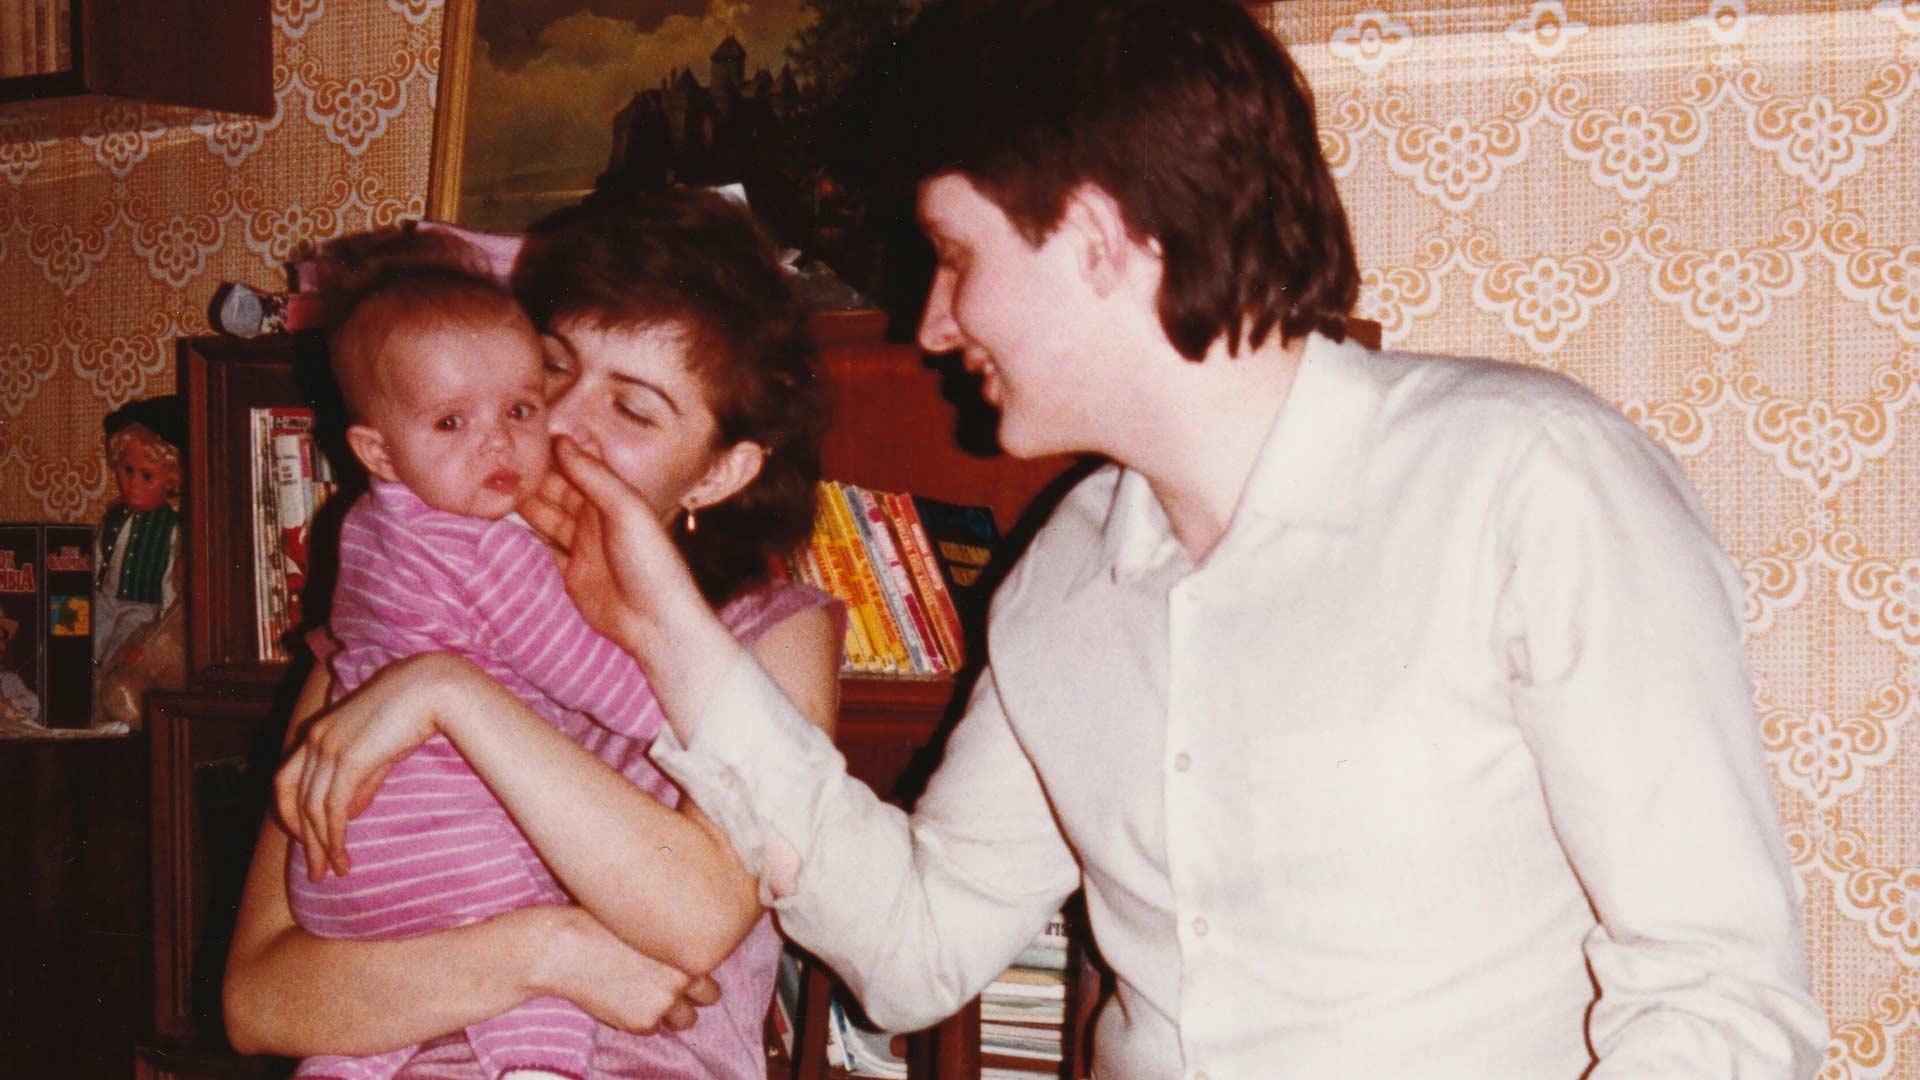 Perhekuva on vuodelta 1984.